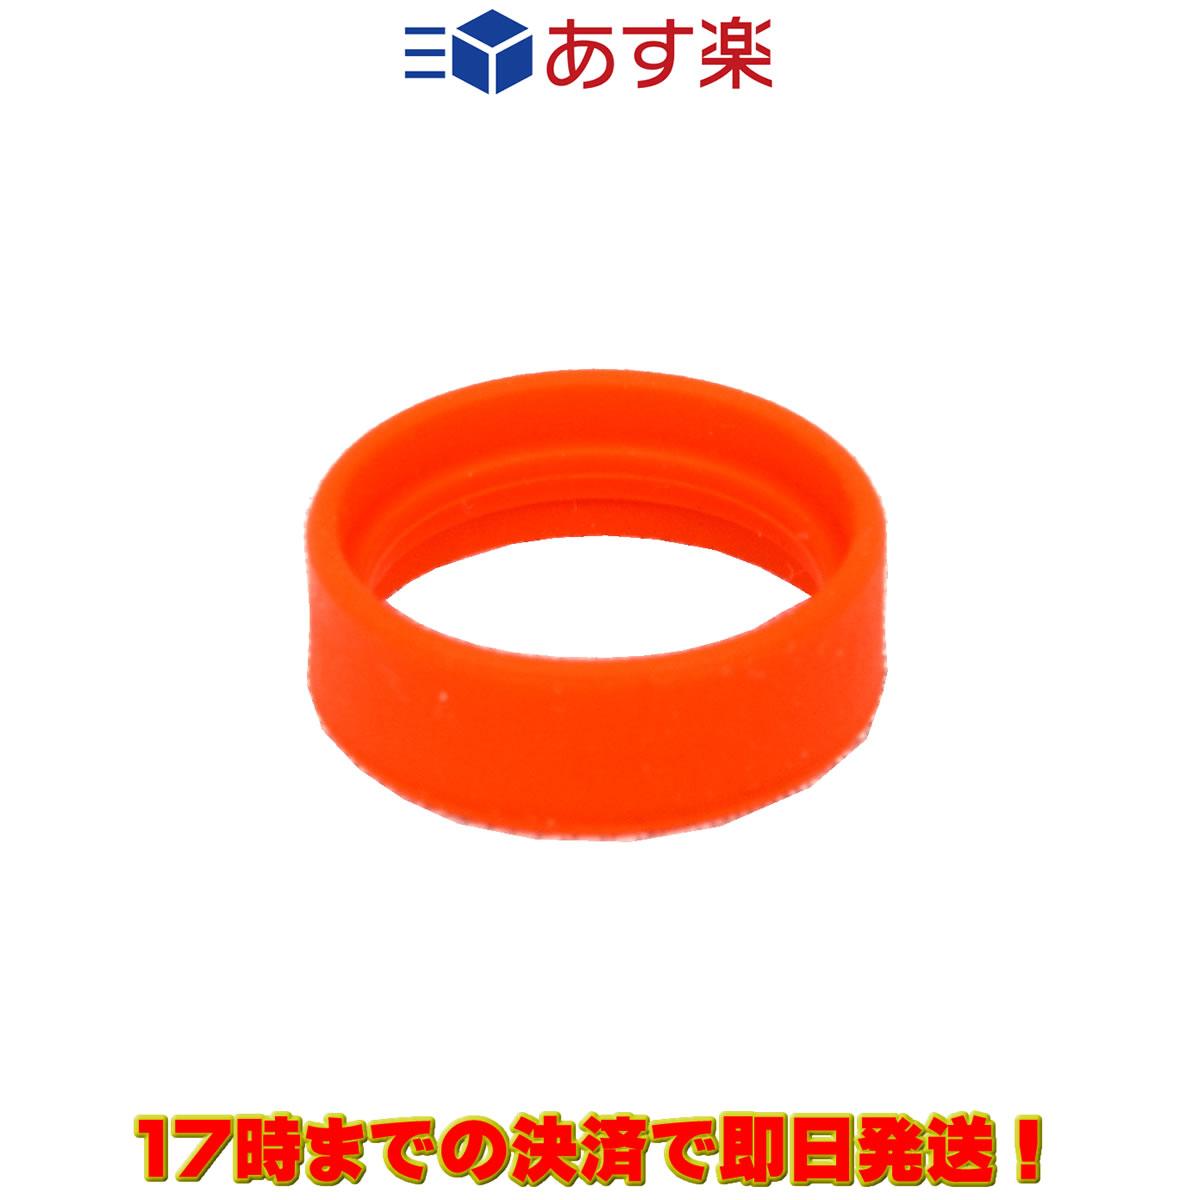 【ラッキーシール対応】 ANTENNA BAND ORANGE S8003165 FTH-615/615L/635用 1個